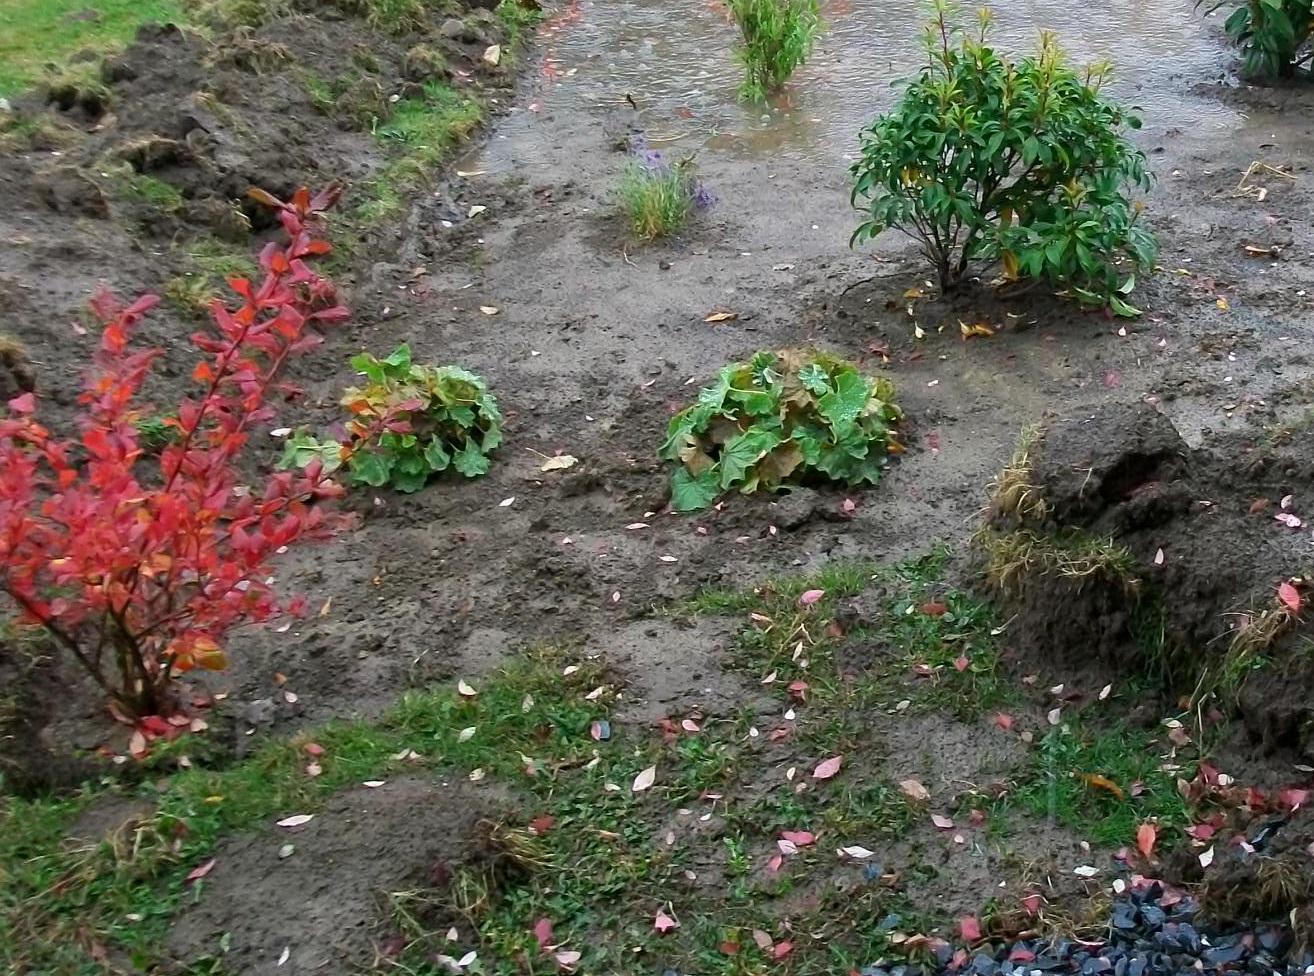 Drenaje del jard n c mo verificar si es el adecuado for Drenaje de jardin